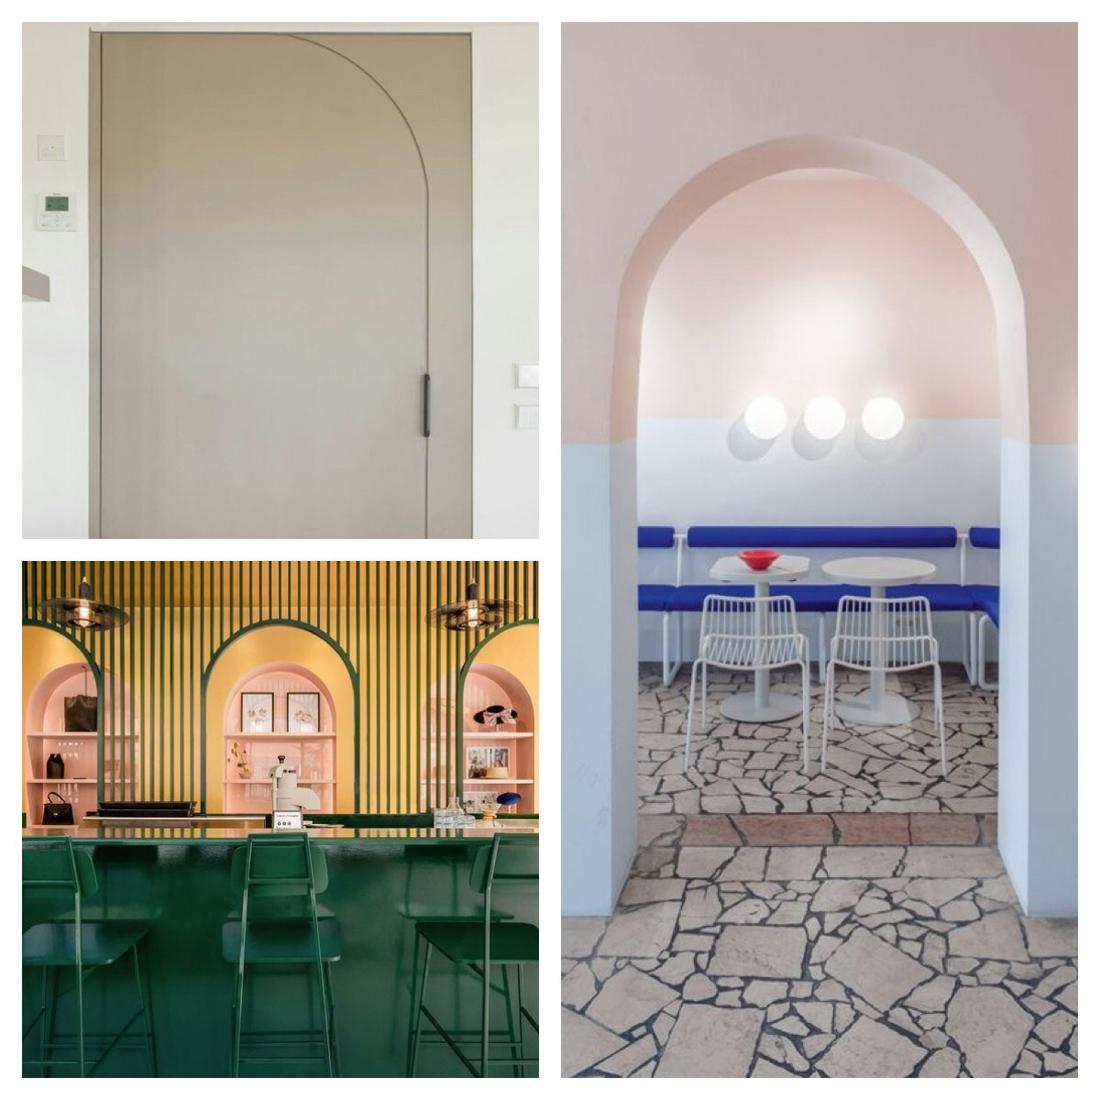 טרנדים בעיצוב ל 2019, טרנדים בעיצוב פנים, design trends 2019, arches